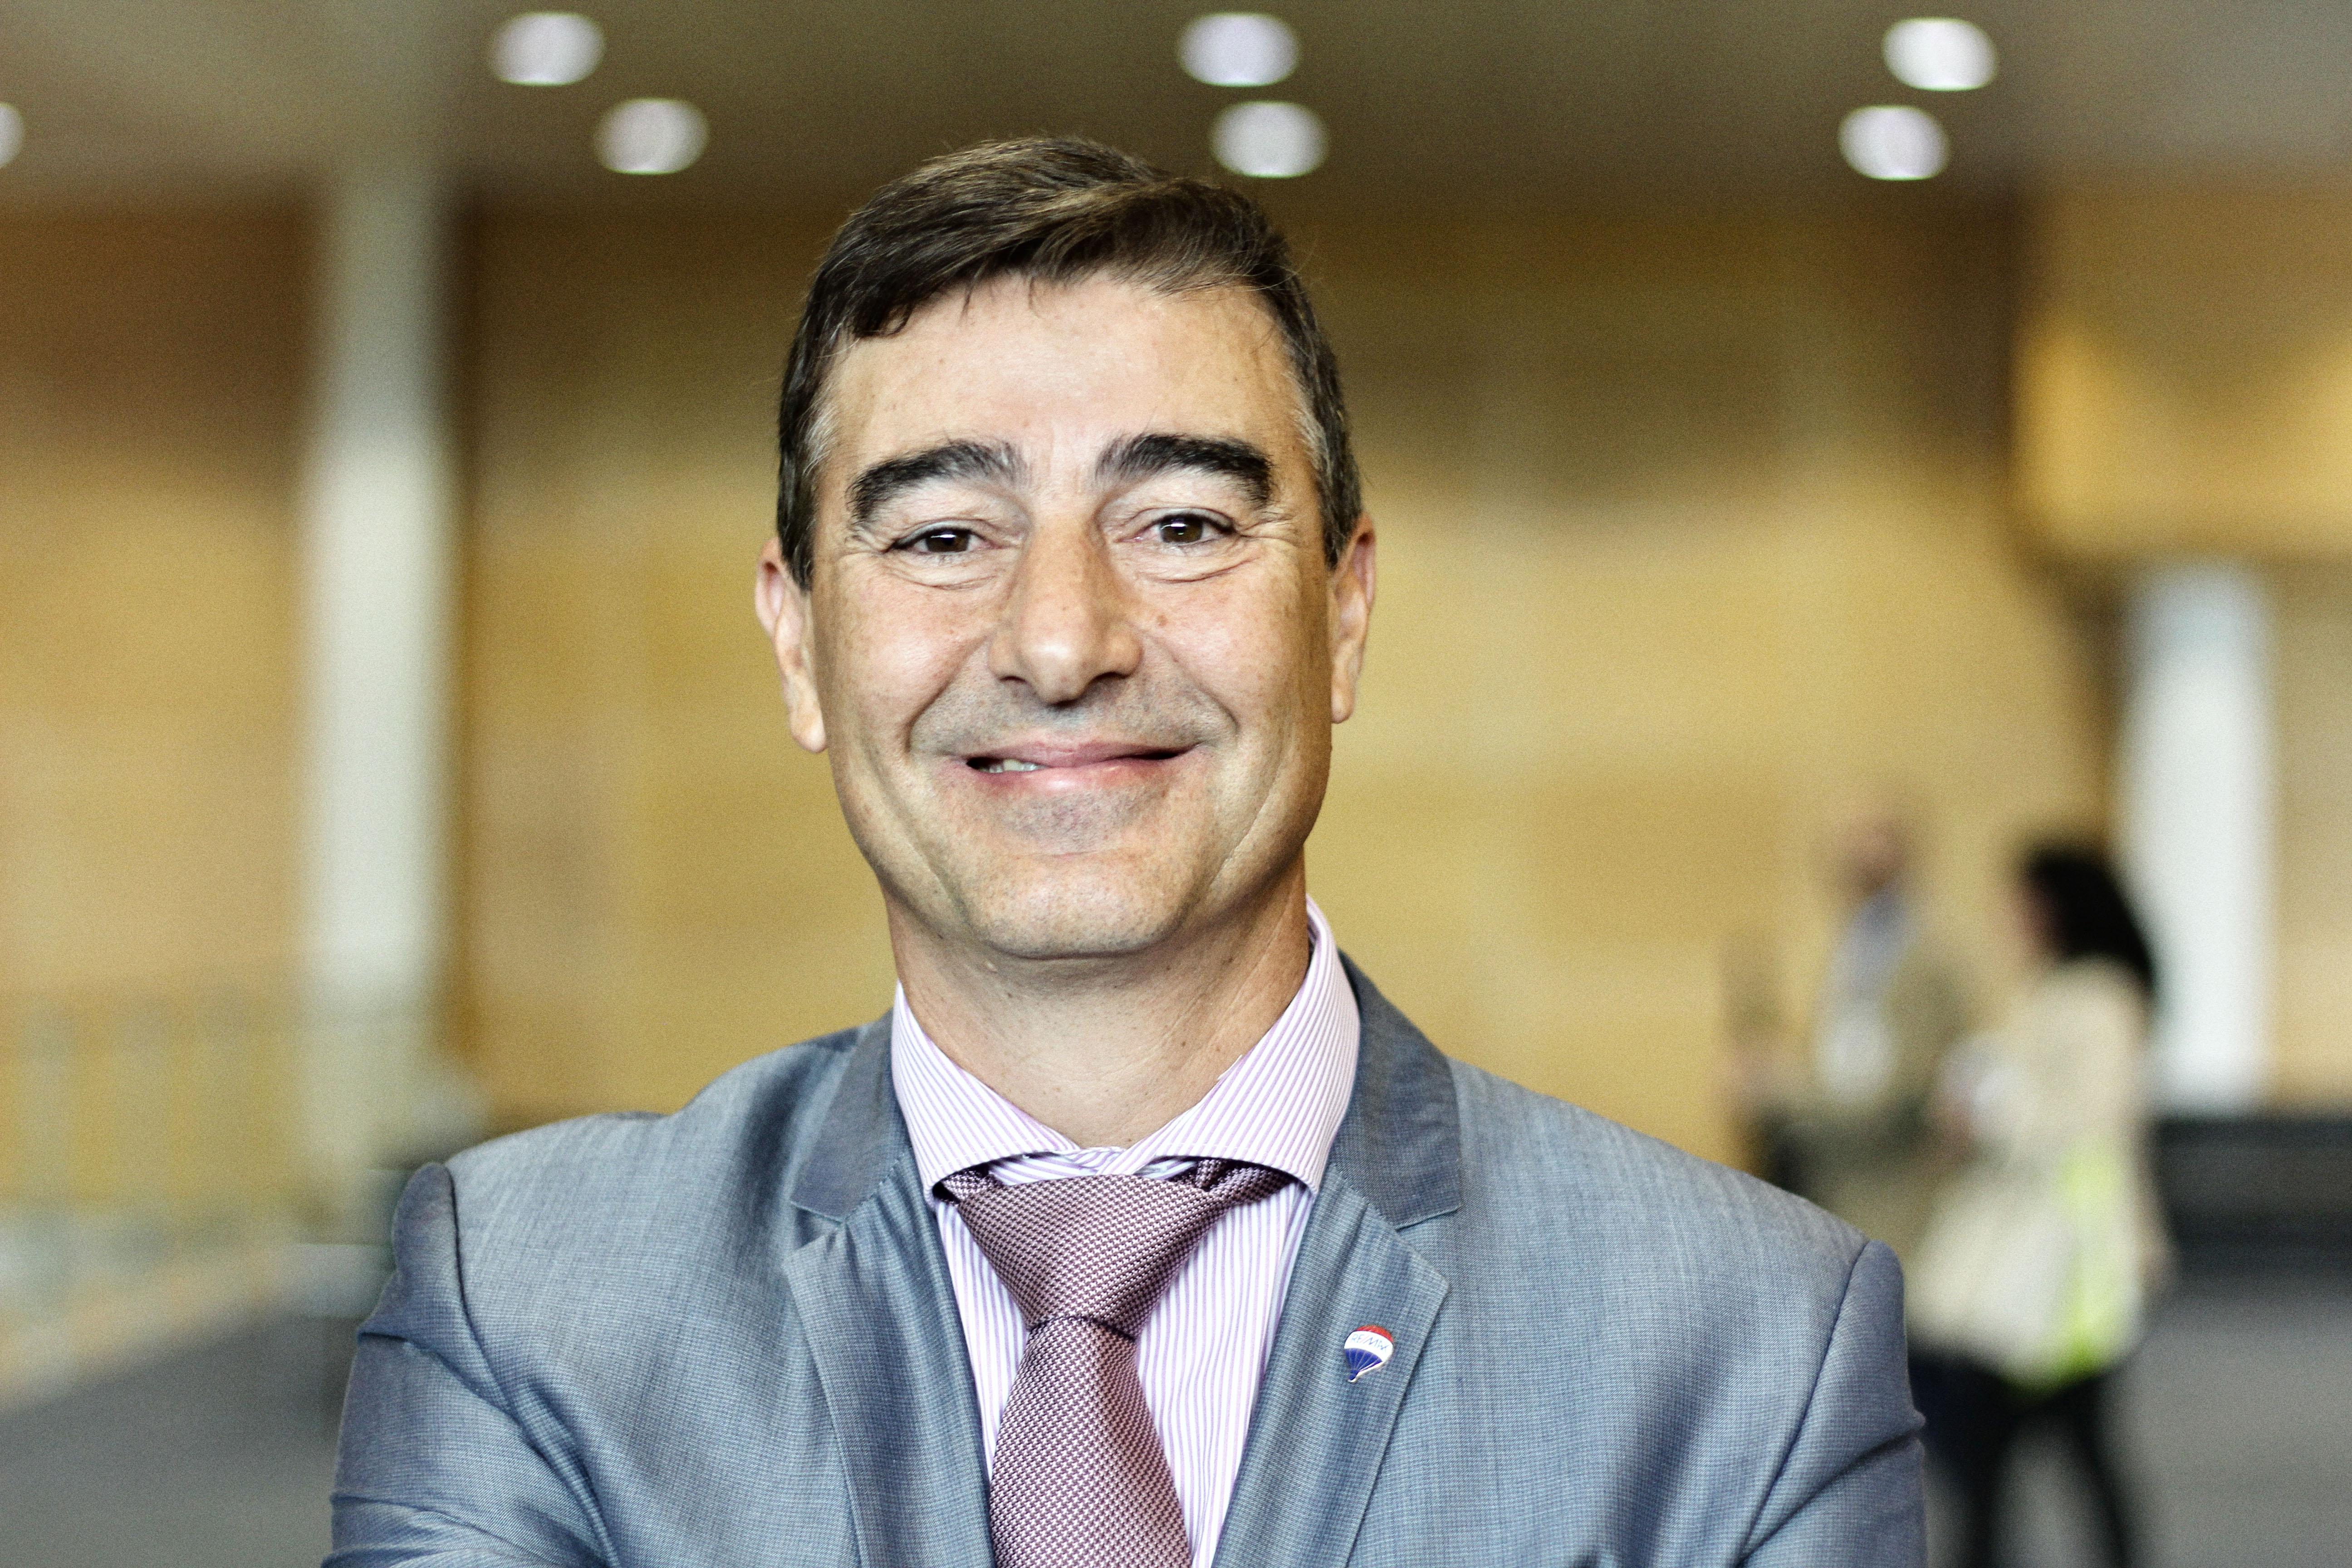 """Manuel Alvarez estima um crescimento """"saudável e moderado de cerca de 3%"""""""